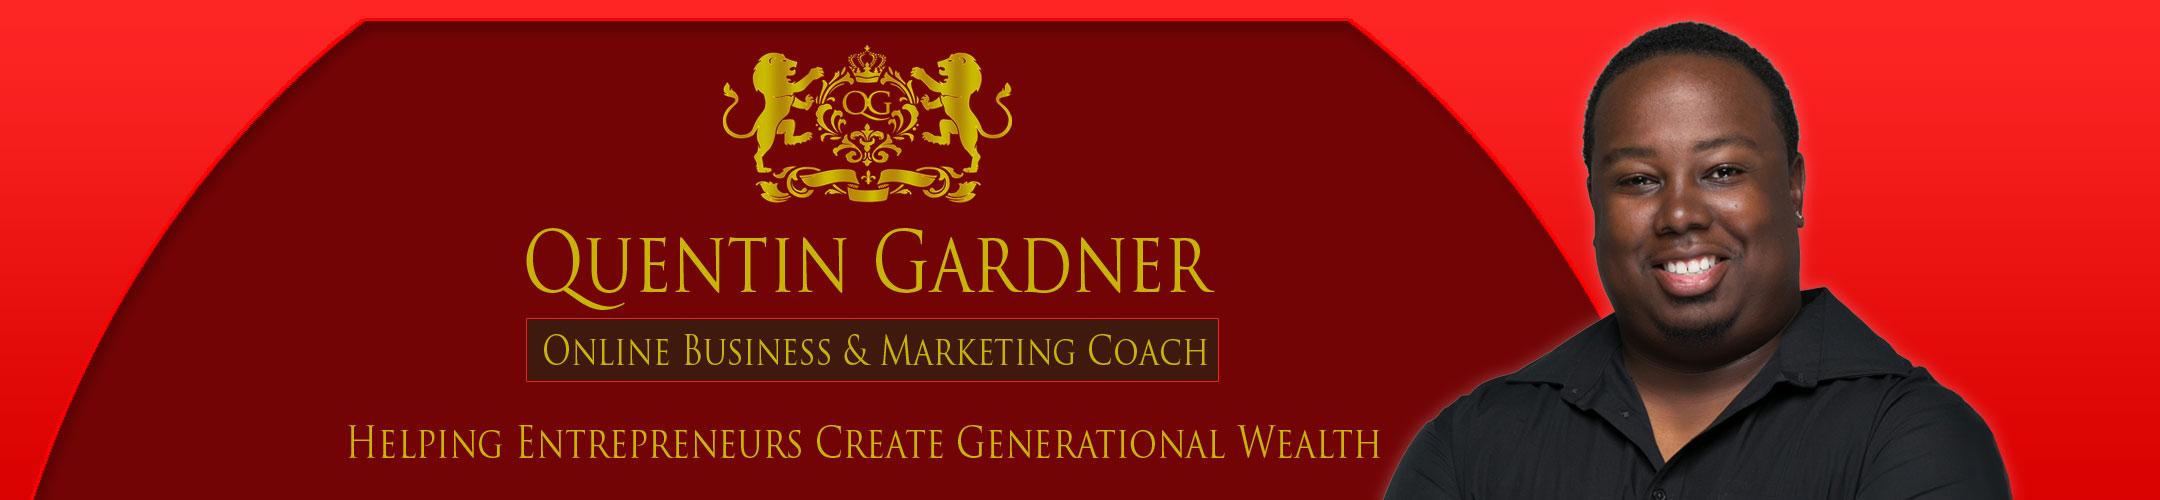 Quentin Gardner